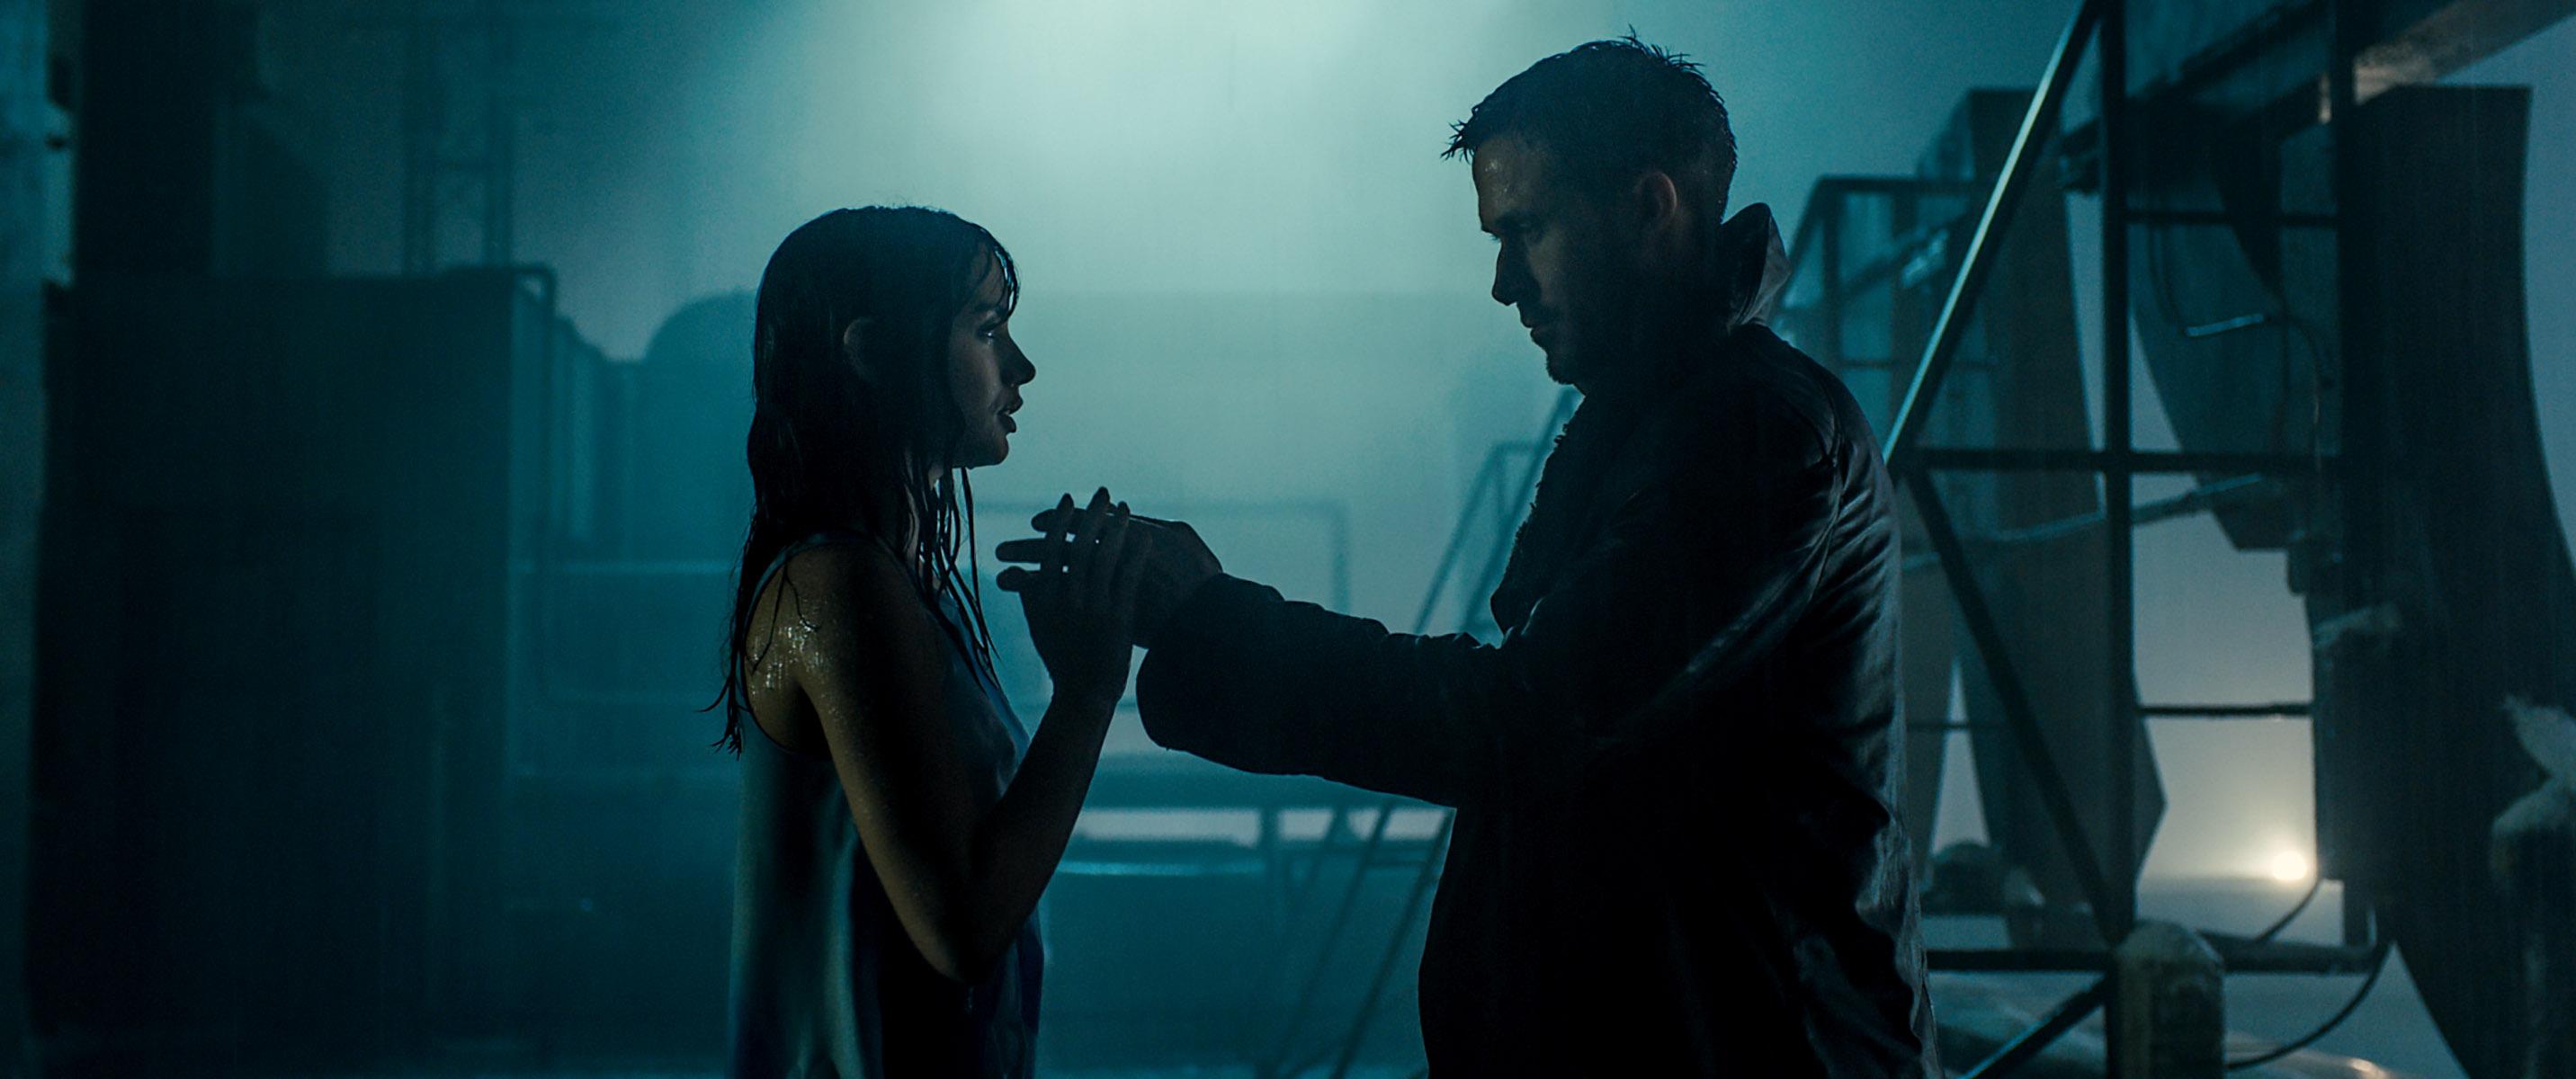 Blade Runner 2049 – Bộ phim không dành cho những kẻ lười nhác! - Ảnh 4.